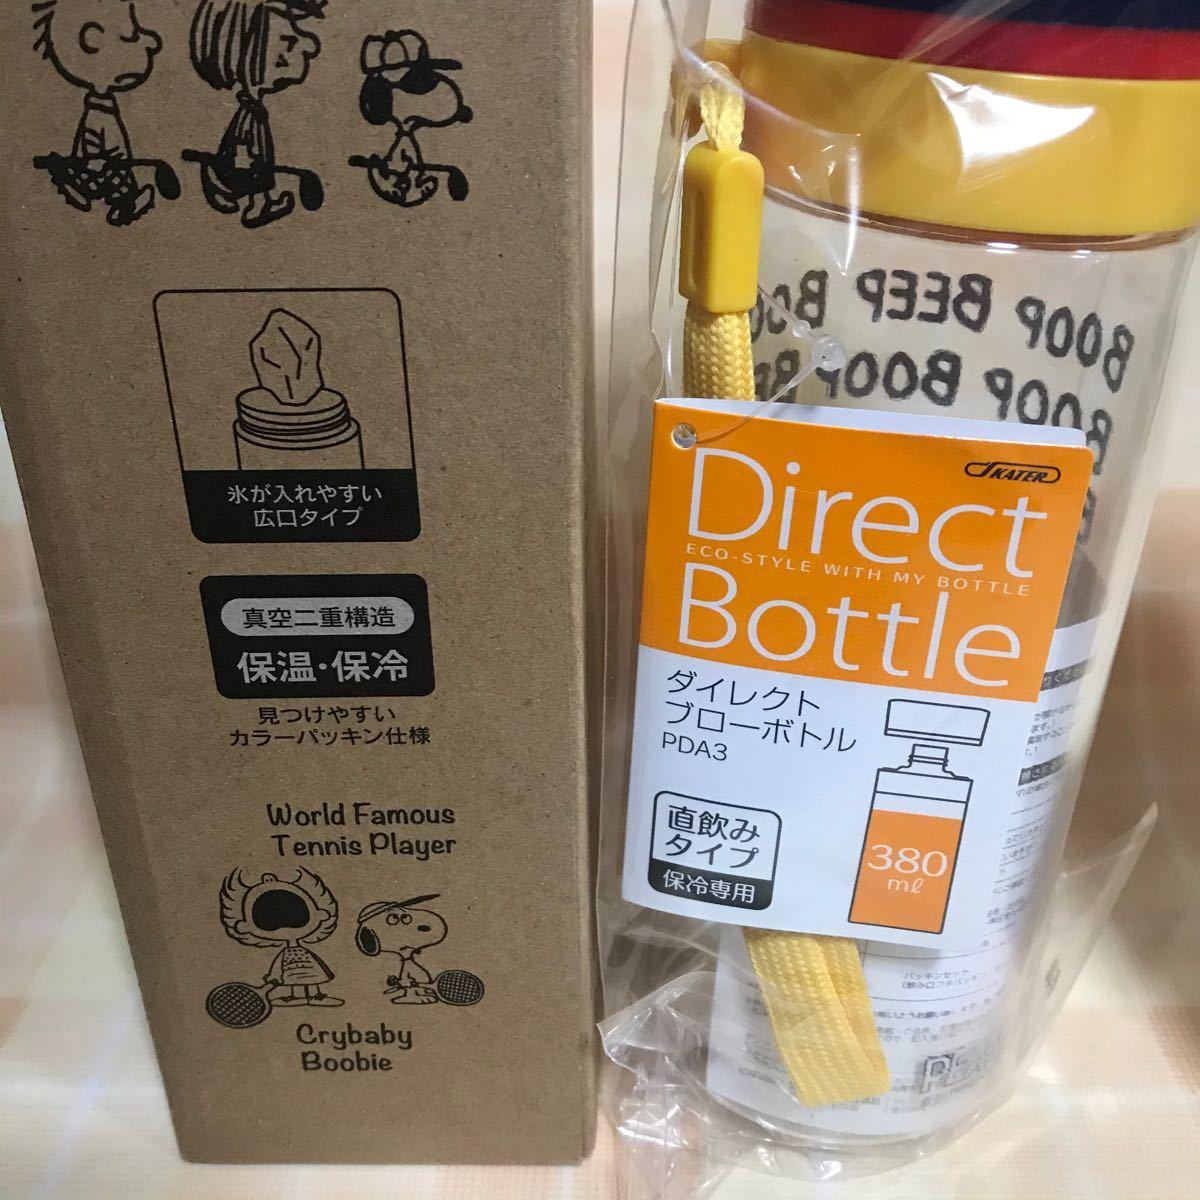 Sale2本★スヌーピー ★ステンレスマグボトル 超軽量 保温保冷 ブローボトル